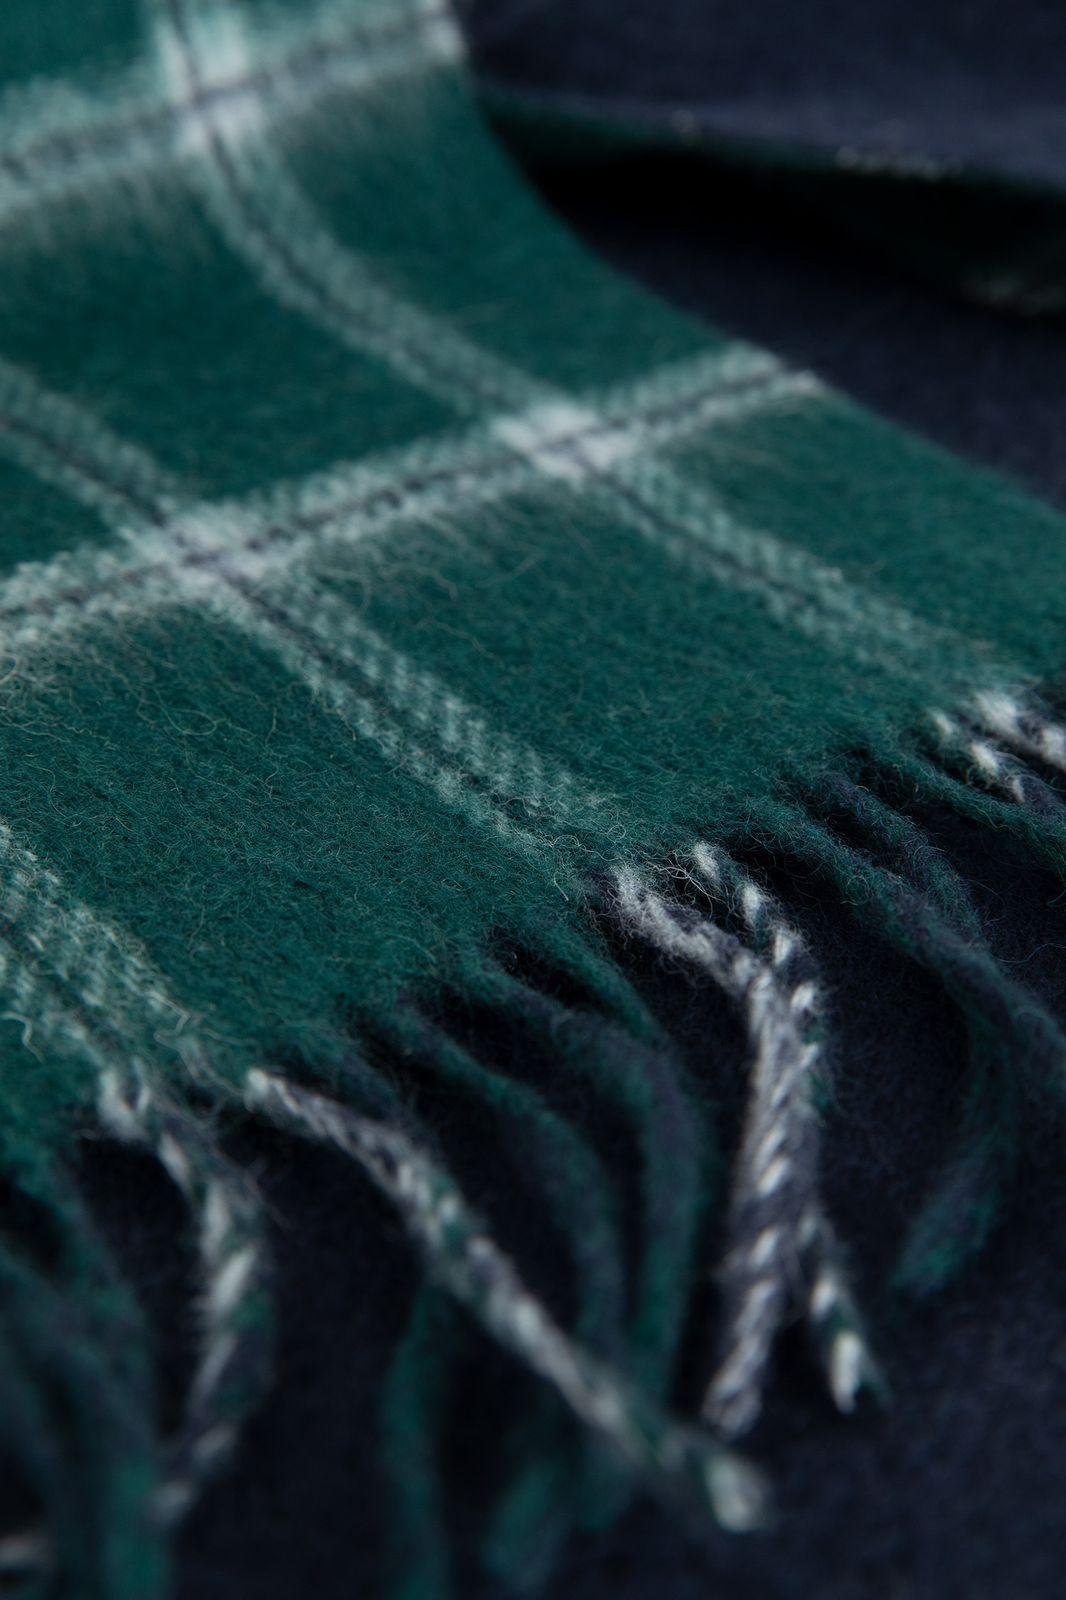 Groen melee wollen sjaal